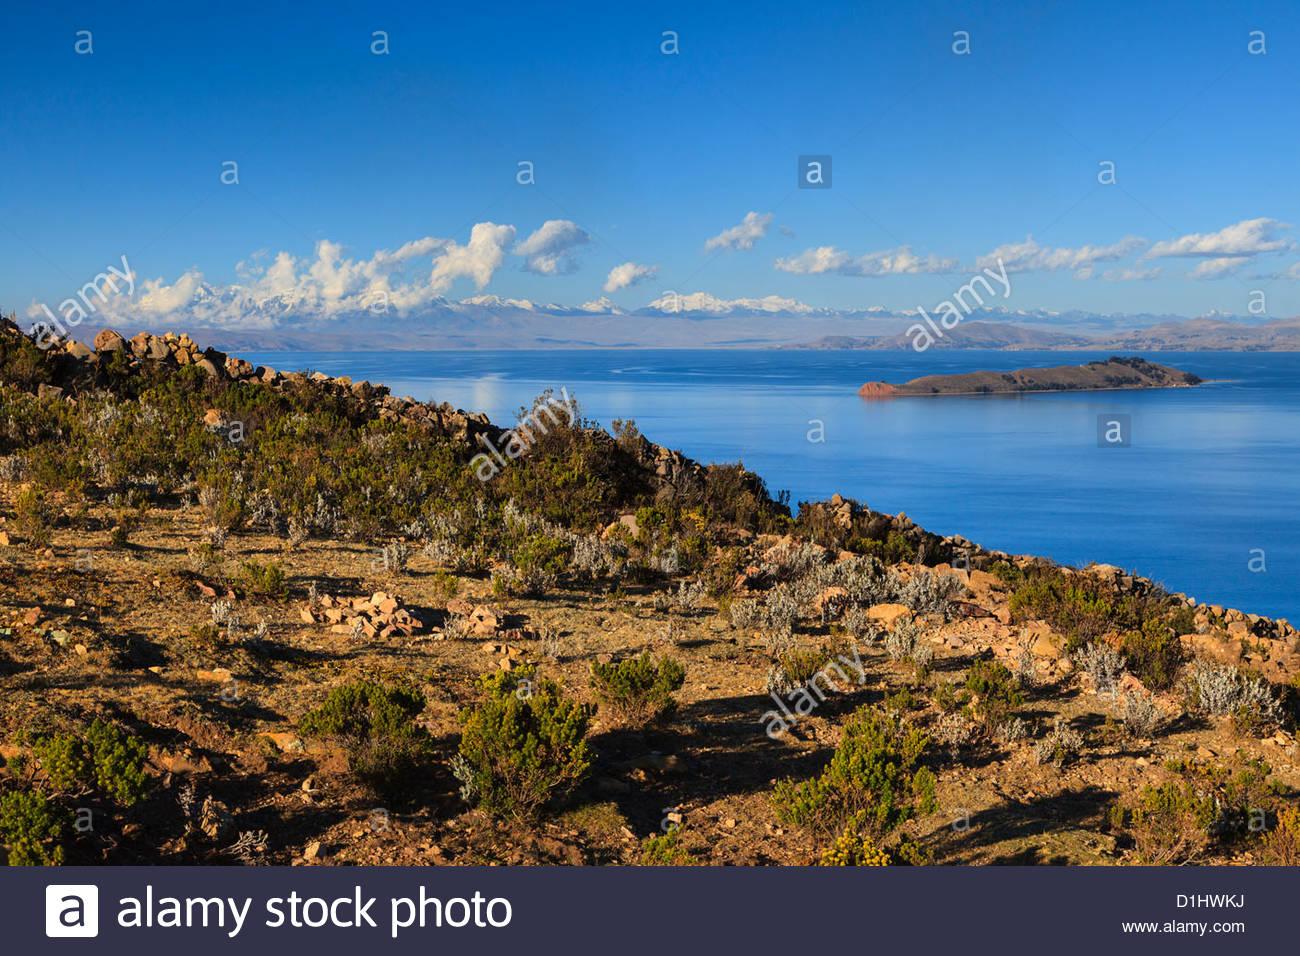 Isla del Sol on the Bolivian Side of Lake Titicaca, Bolivia. Stock Photo